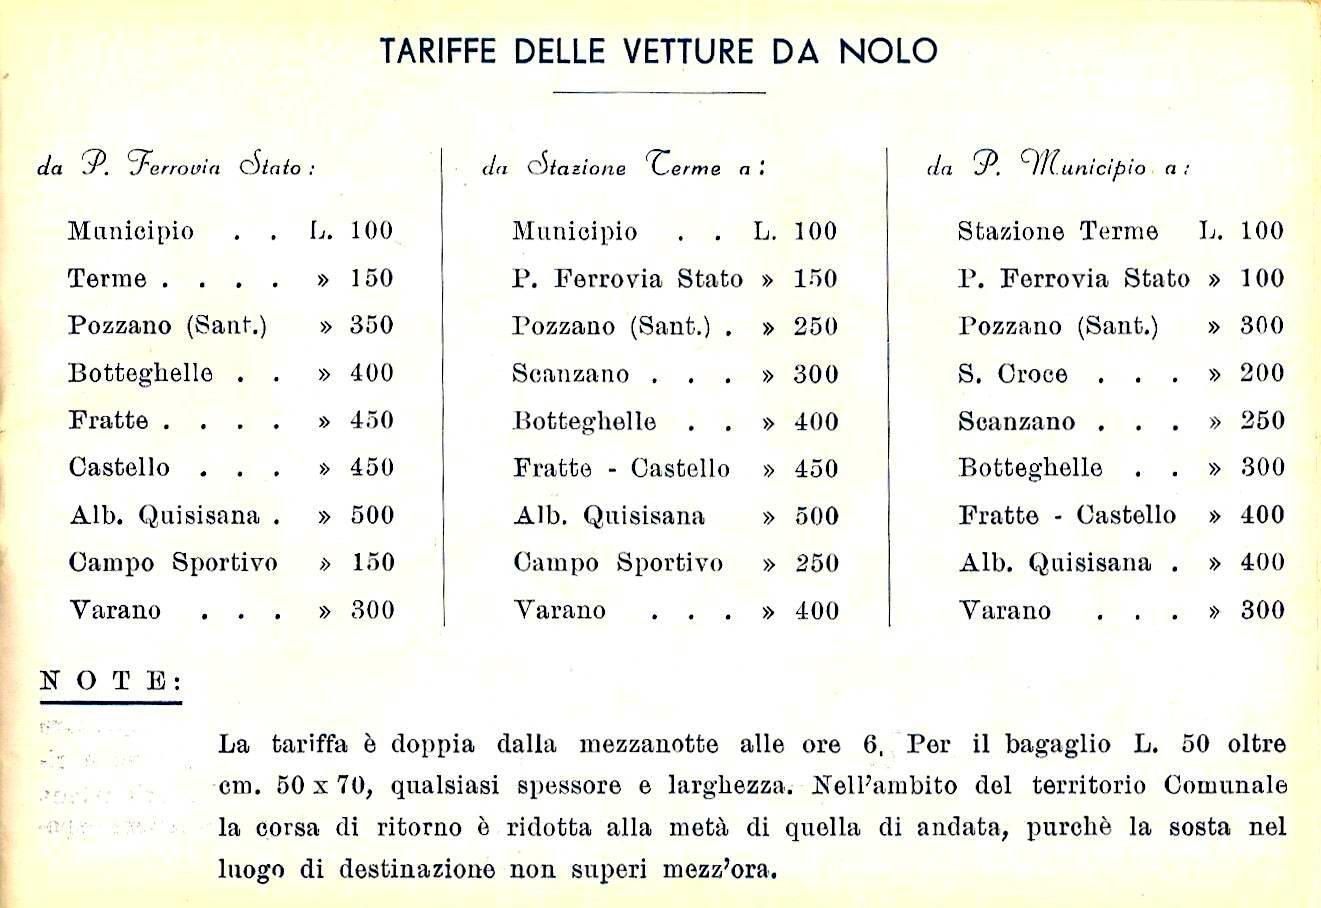 Tariffe carrozzelle - anno 1953 (coll. Bonuccio Gatti)